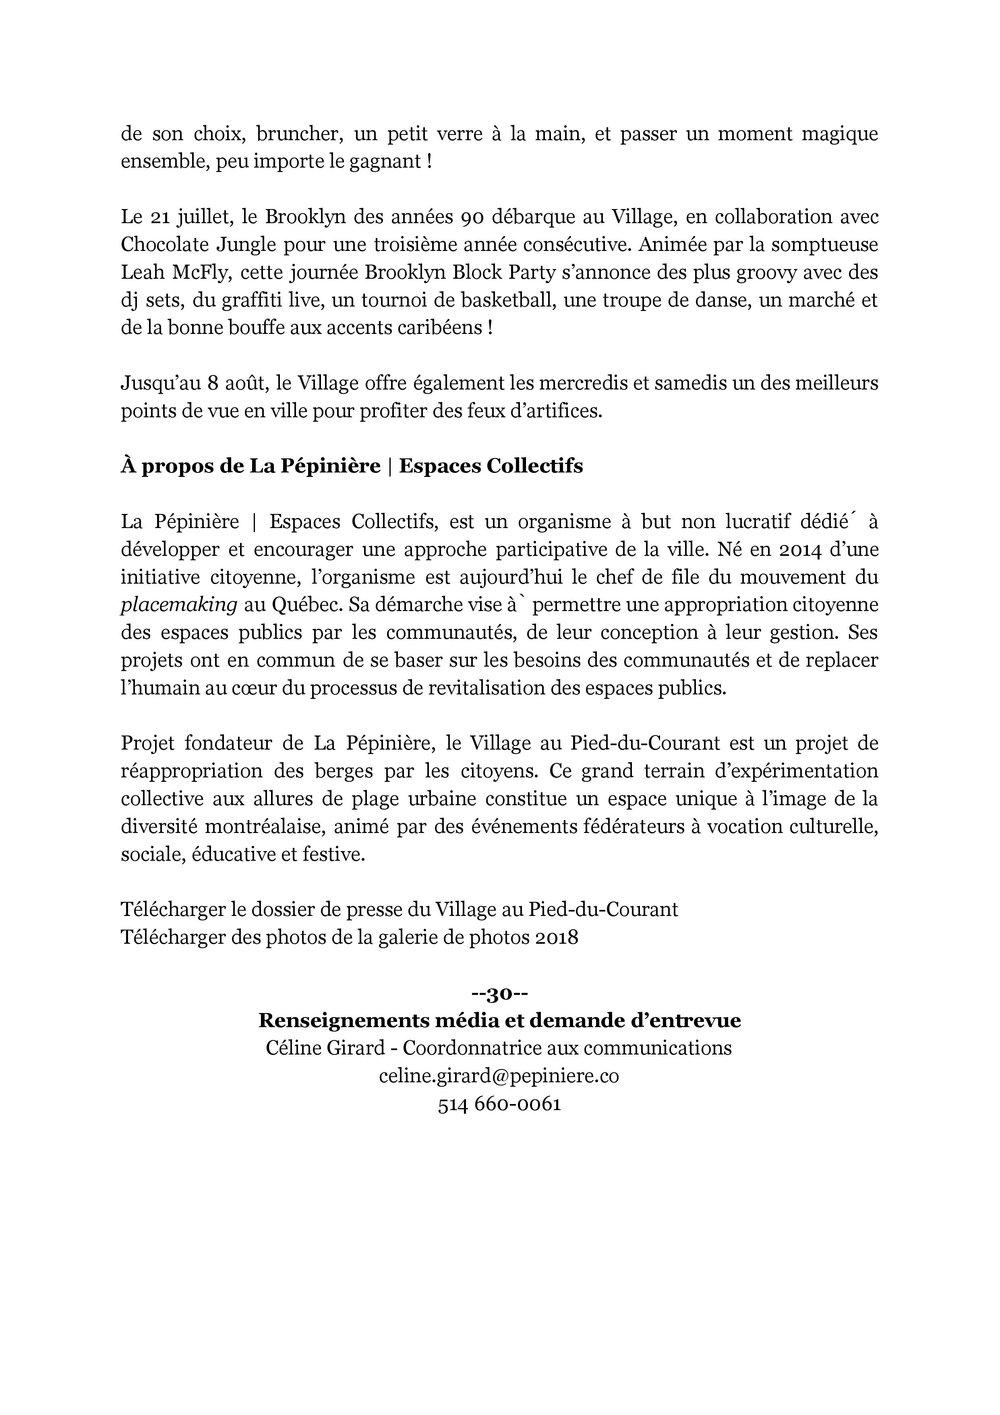 20180711 - Juillet au Village au Pied-du-Courant-page-002.jpg